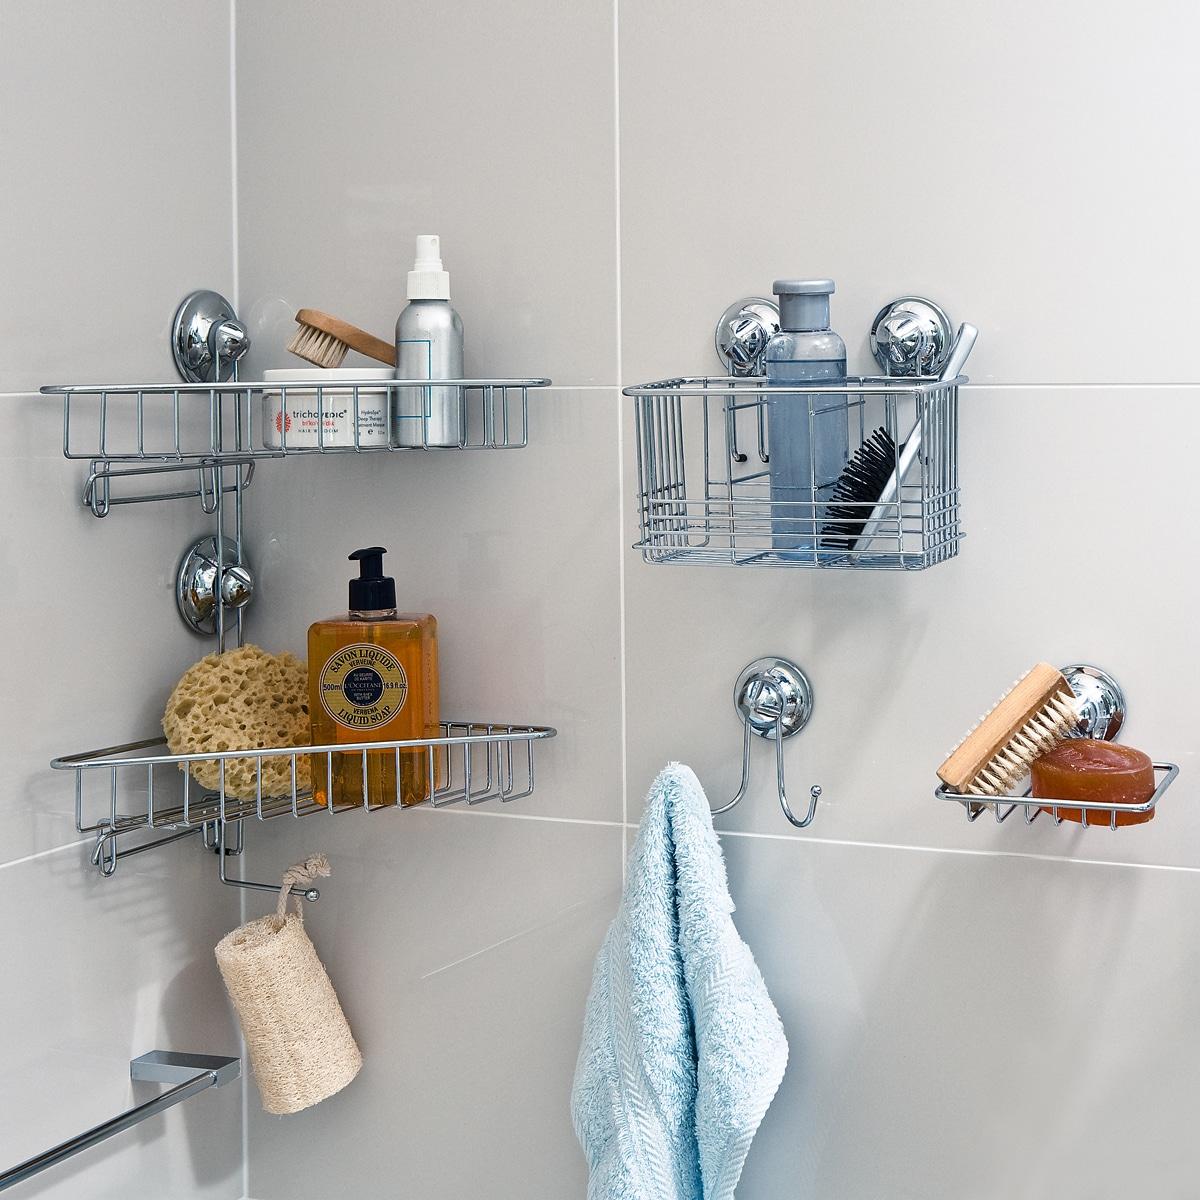 Drátěný program v koupelně - ilustrační obrázek, zdroj